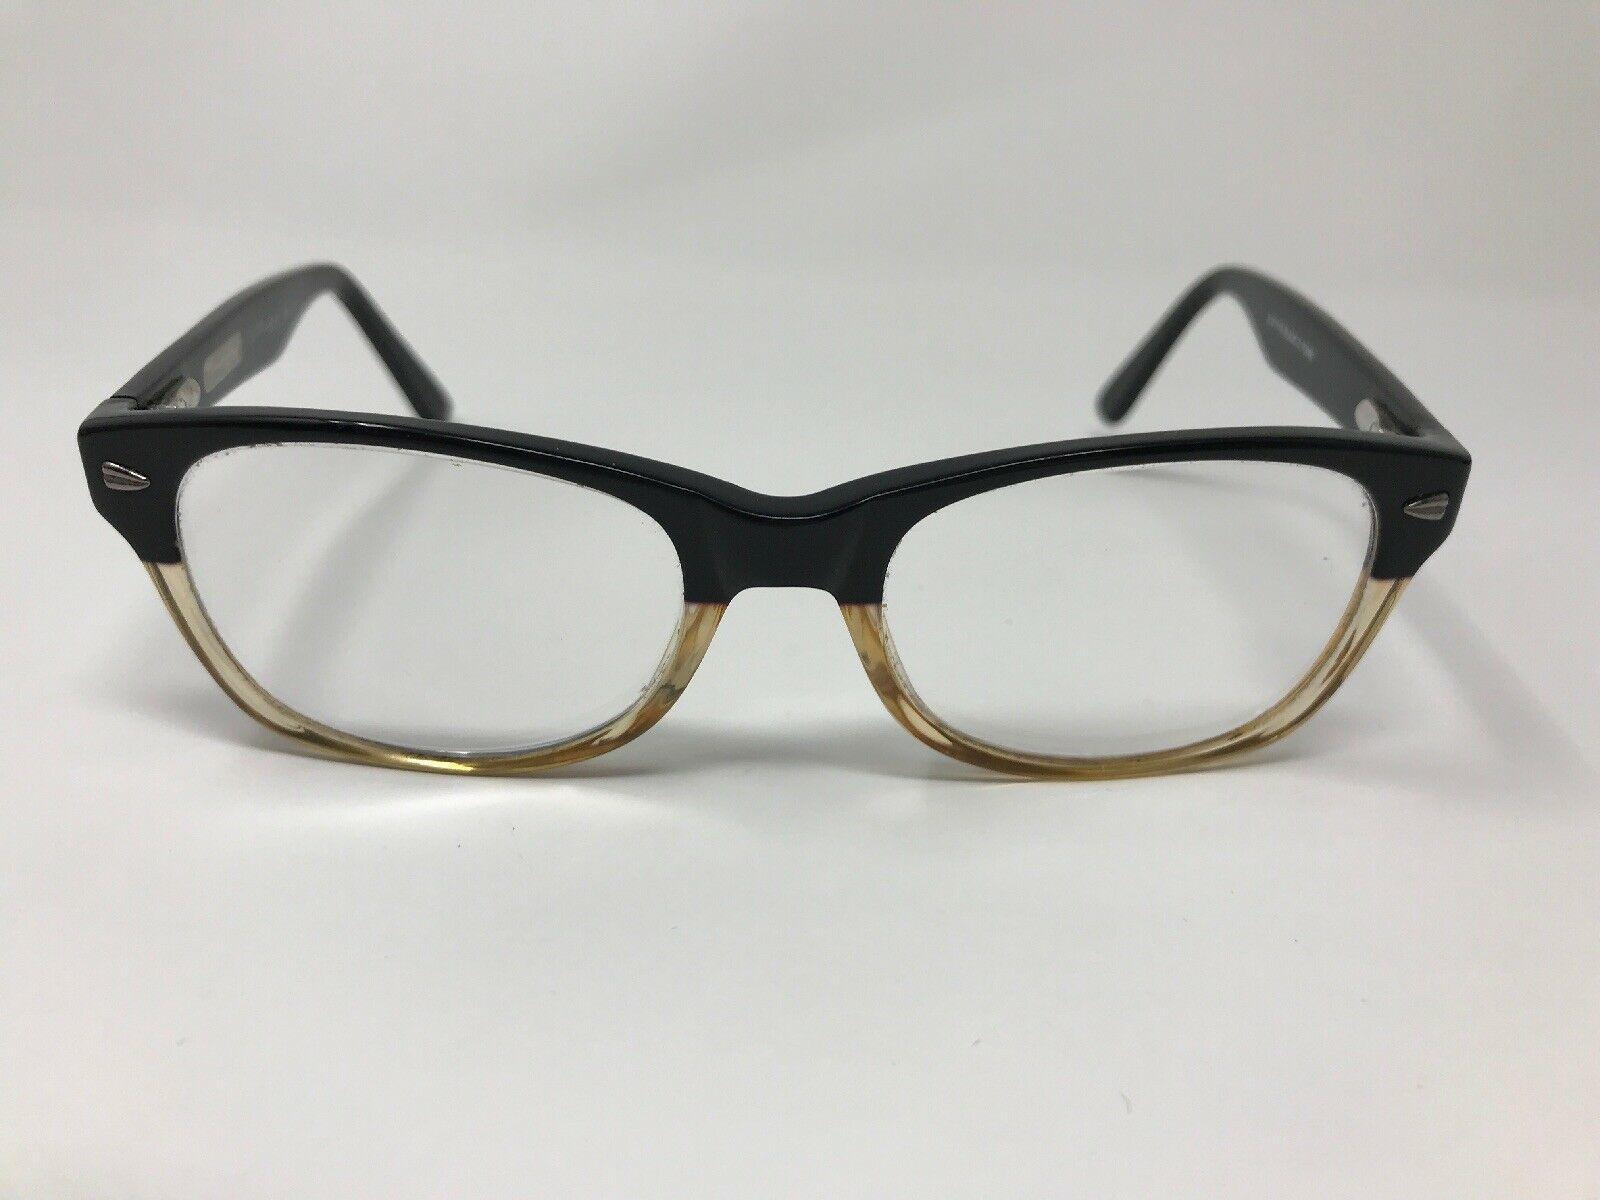 Ernest Hemingway Eyeglasses Frame Mod 4606 51 20 140 Black